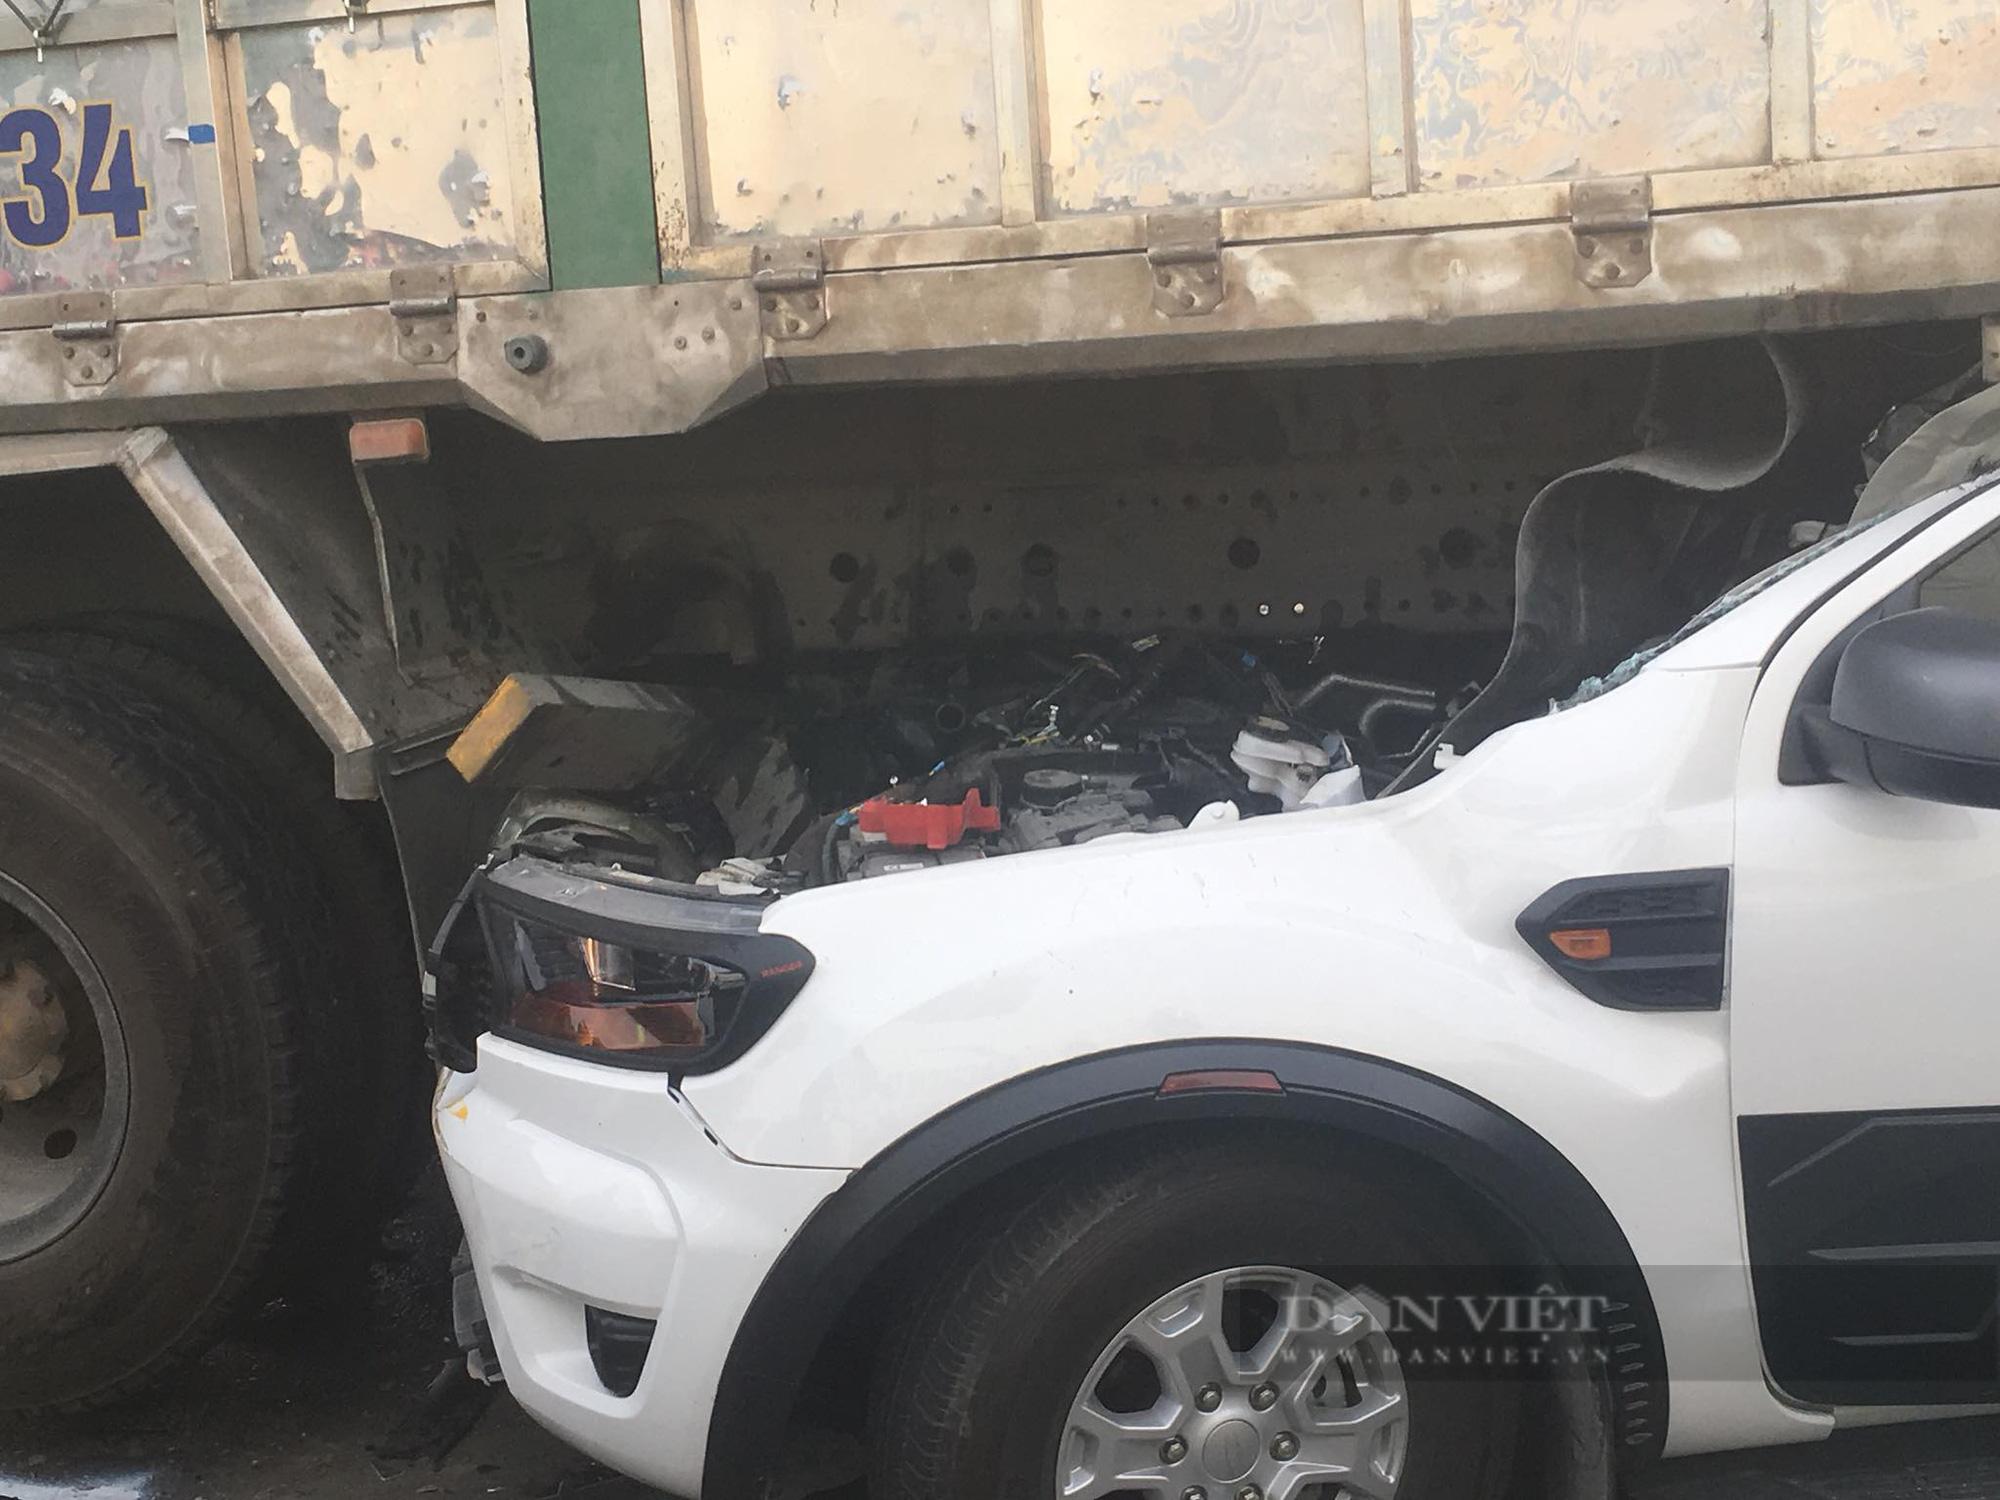 Tai nạn liên hoàn tại Thanh Hoá, 1 người tử vong - Ảnh 1.